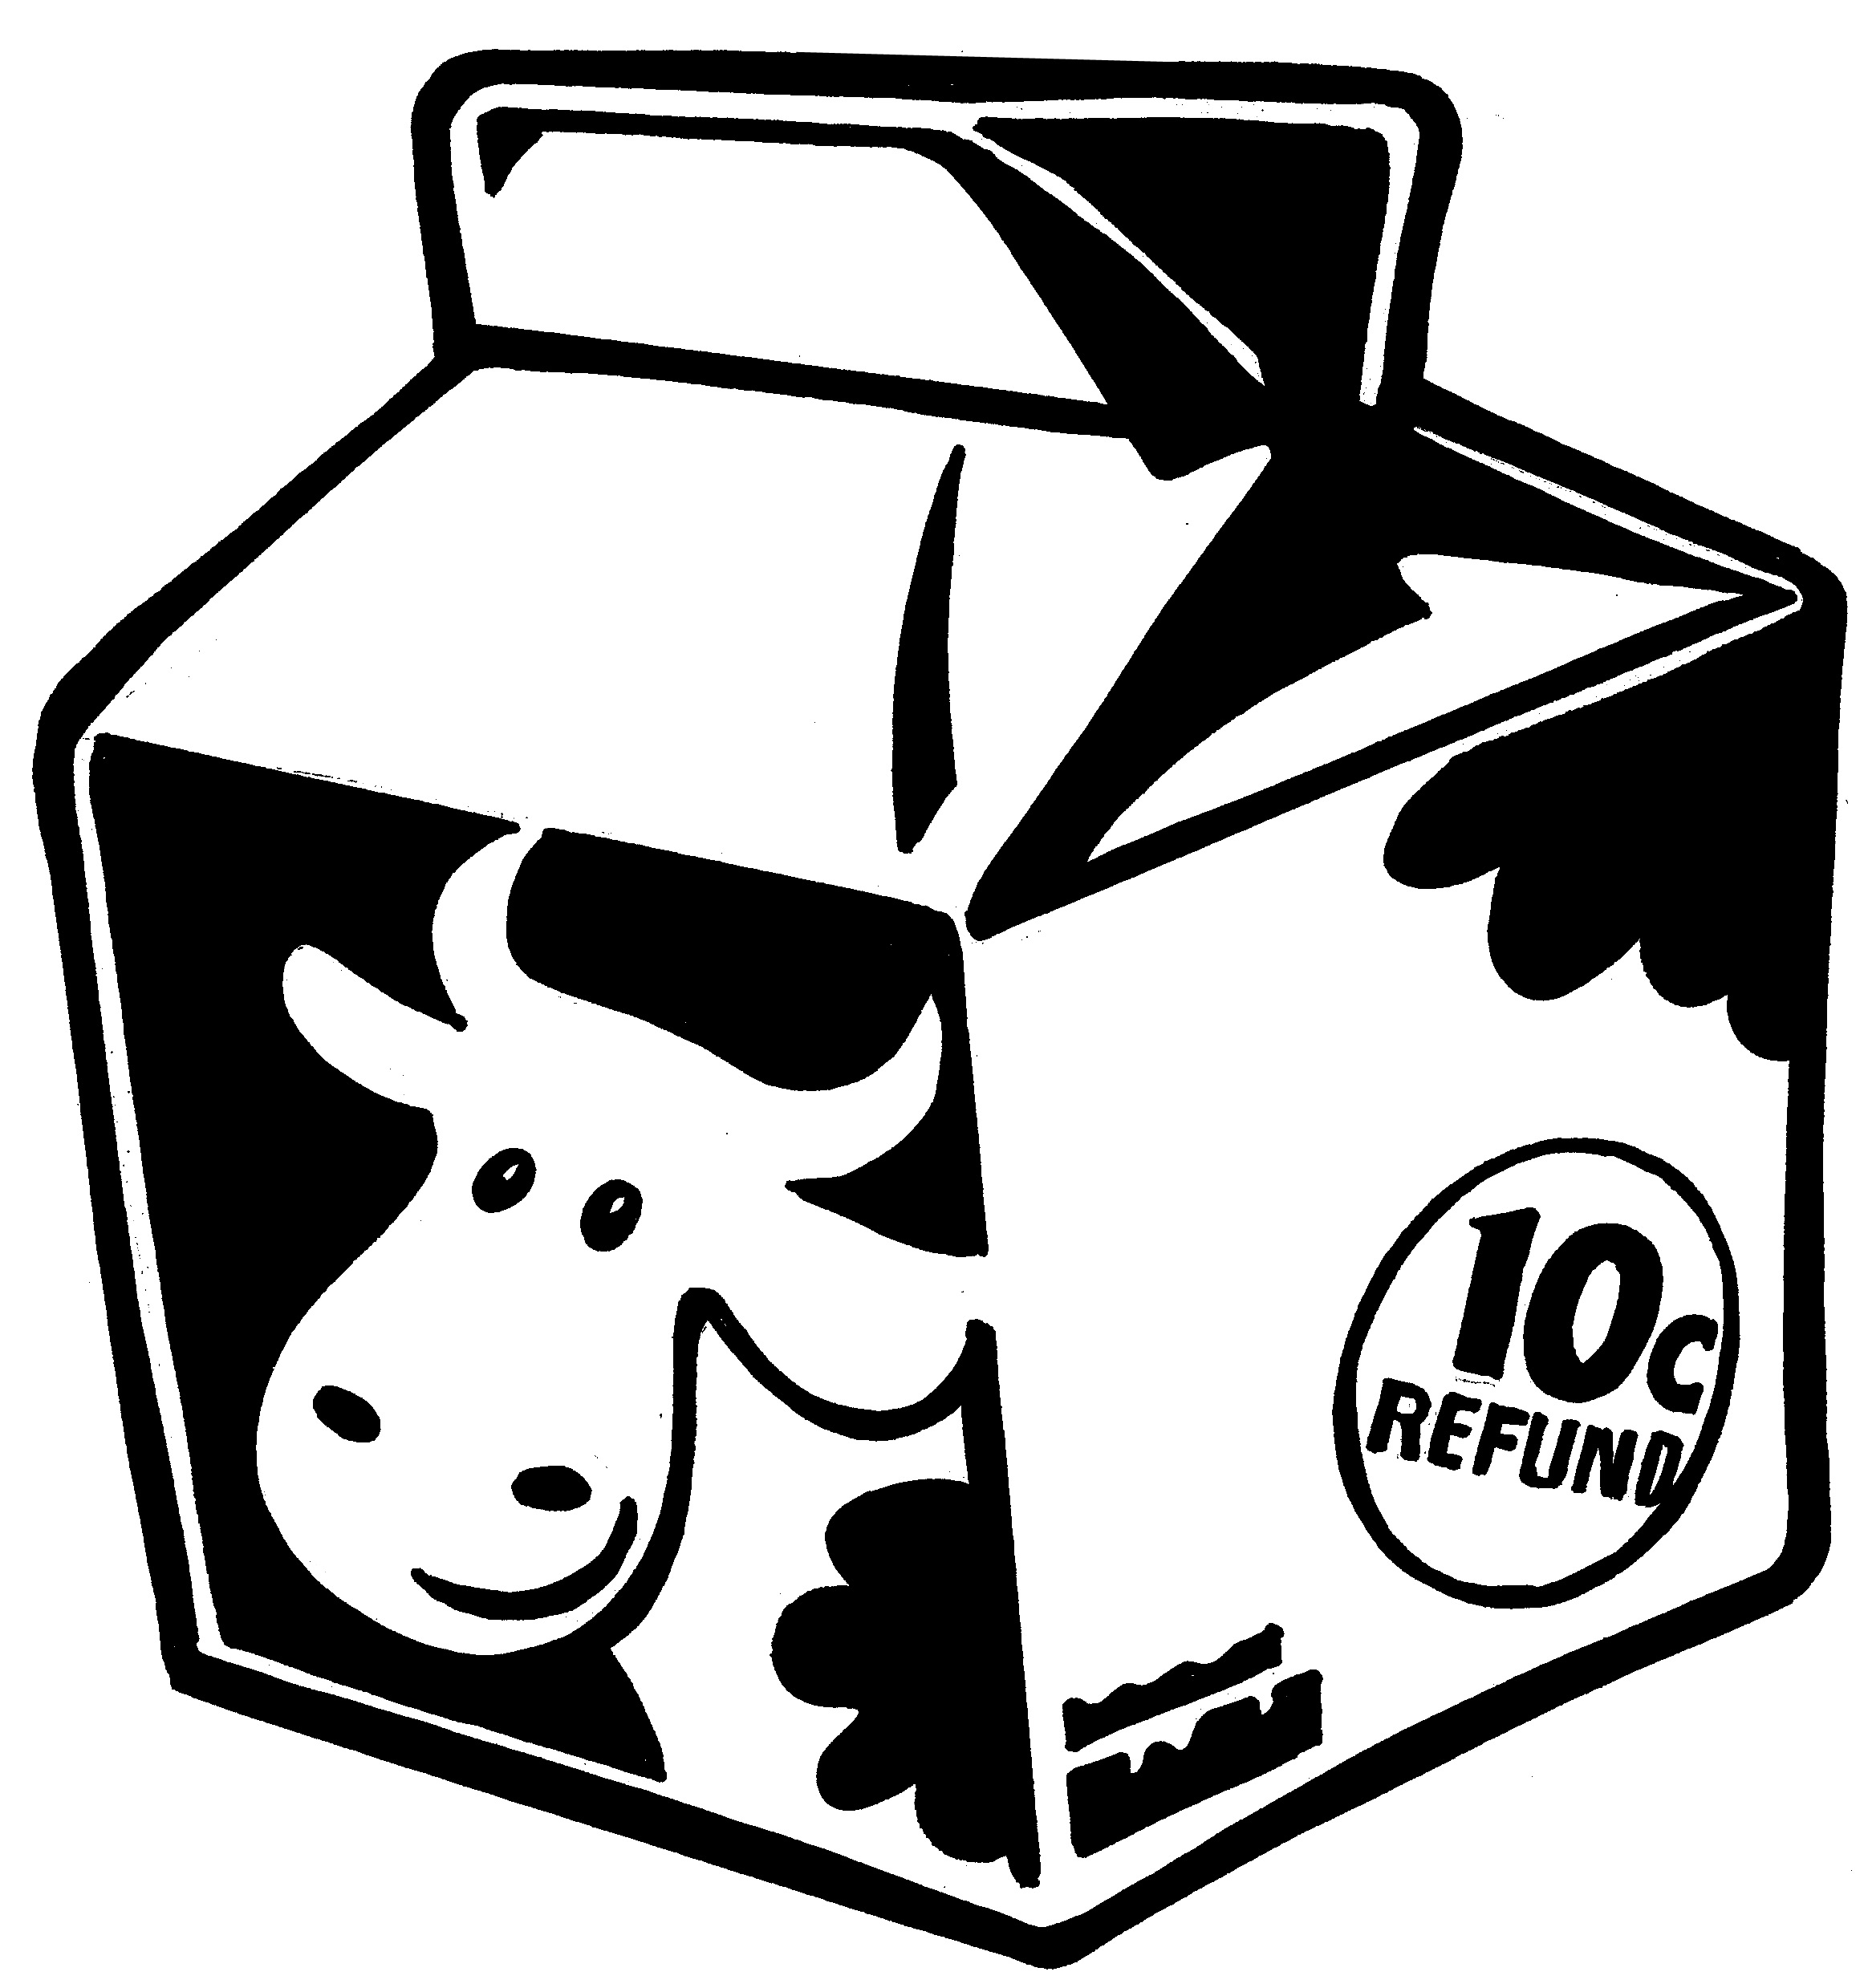 Milk Carton clipart #12